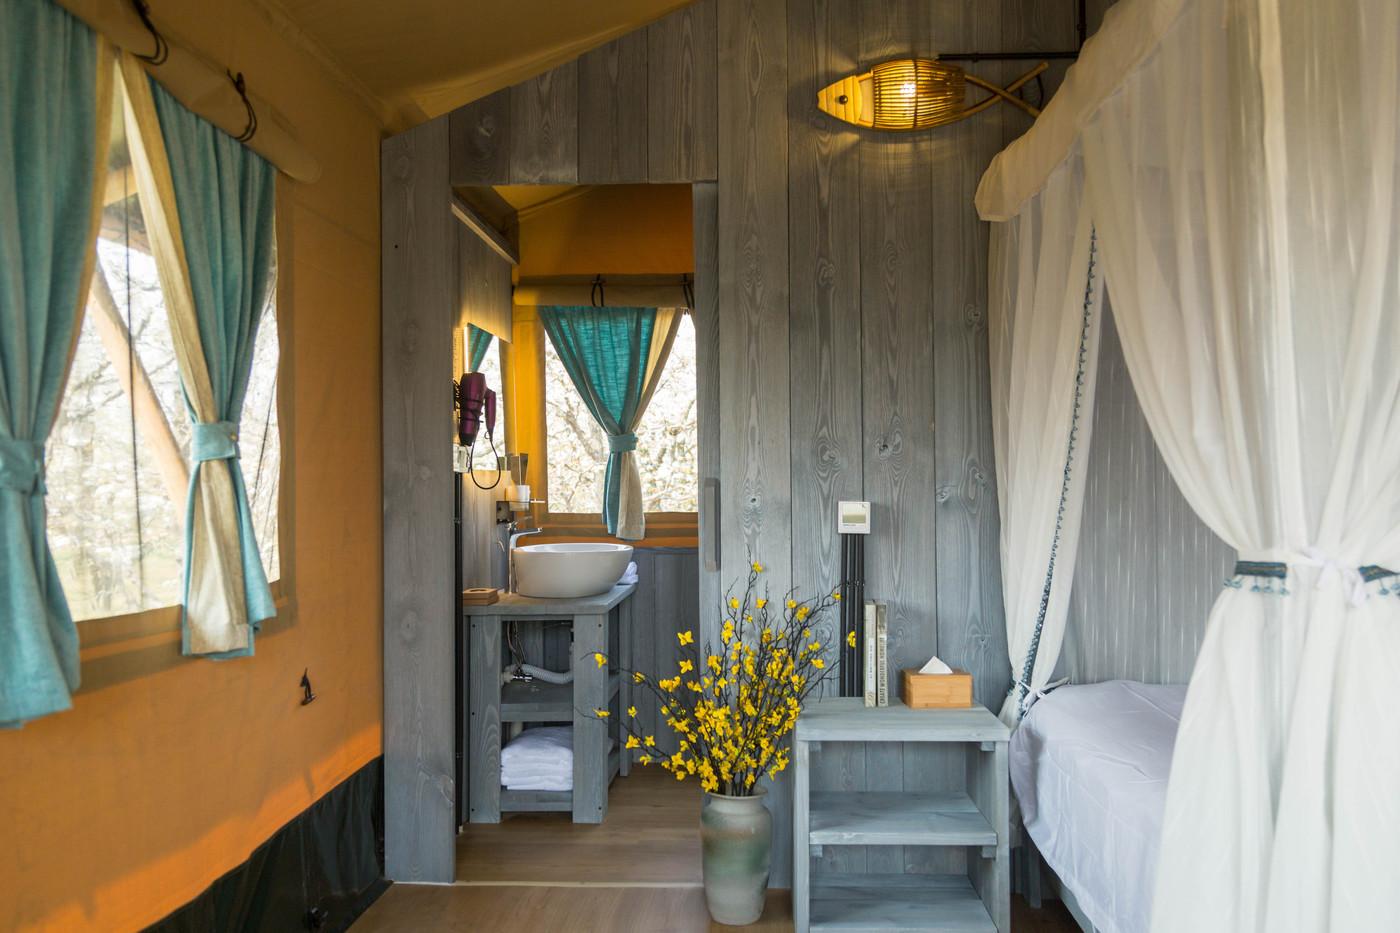 喜马拉雅野奢帐篷酒店—安徽砀山东篱蓬芦梨园帐篷酒店20